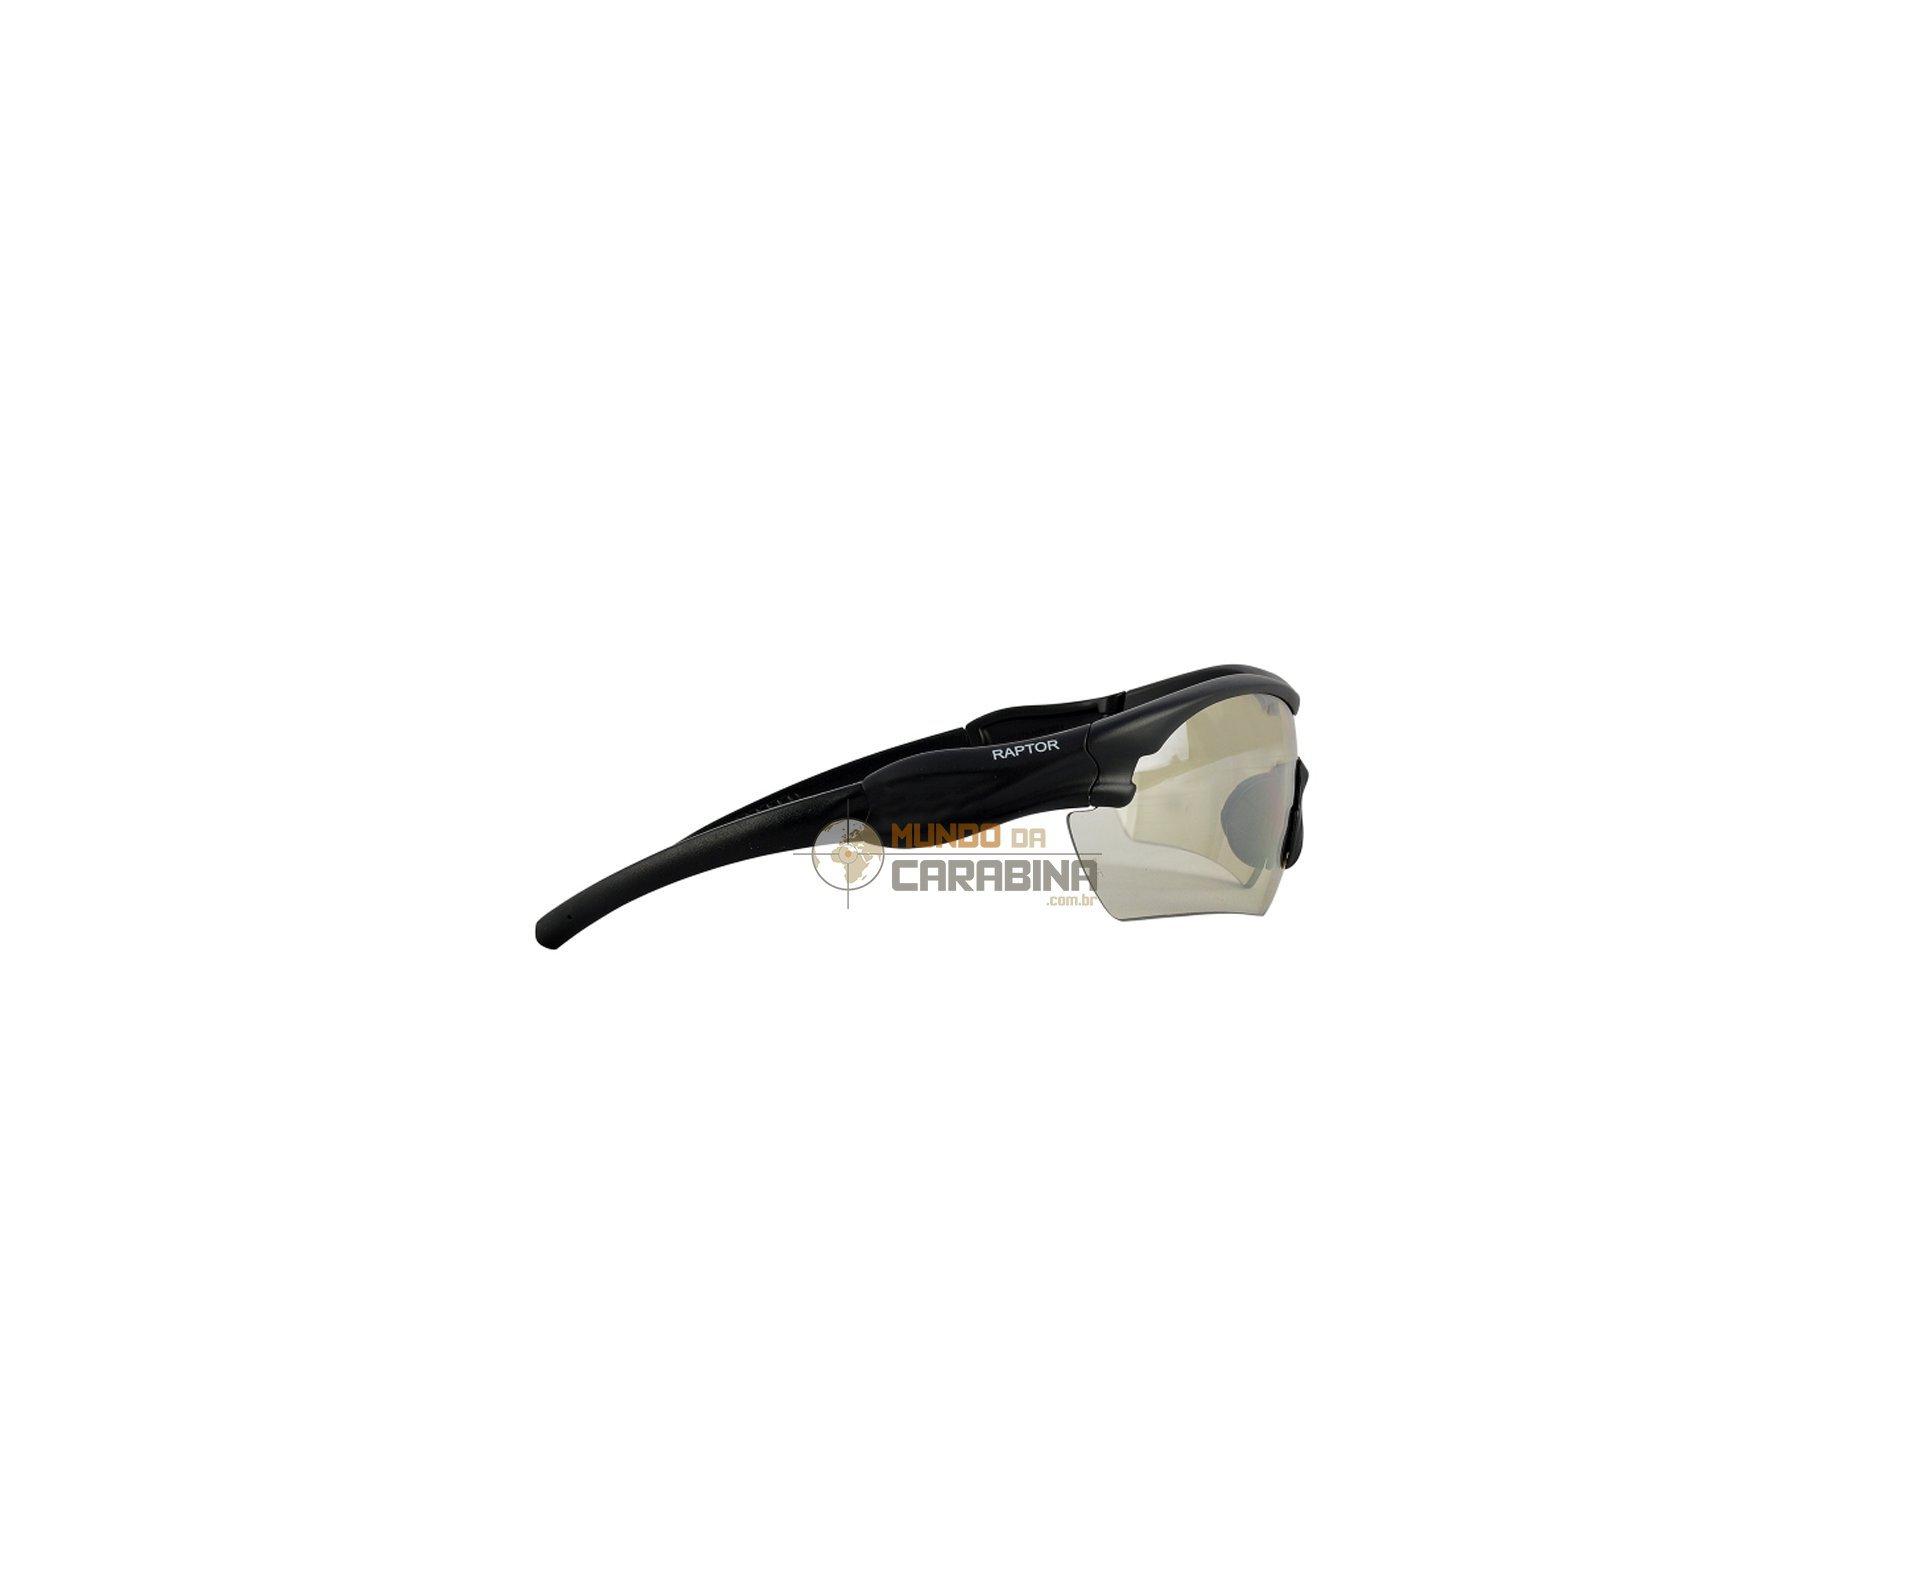 Oculos De Proteção Raptor Balistico Militar Incolor - Stp Extreme